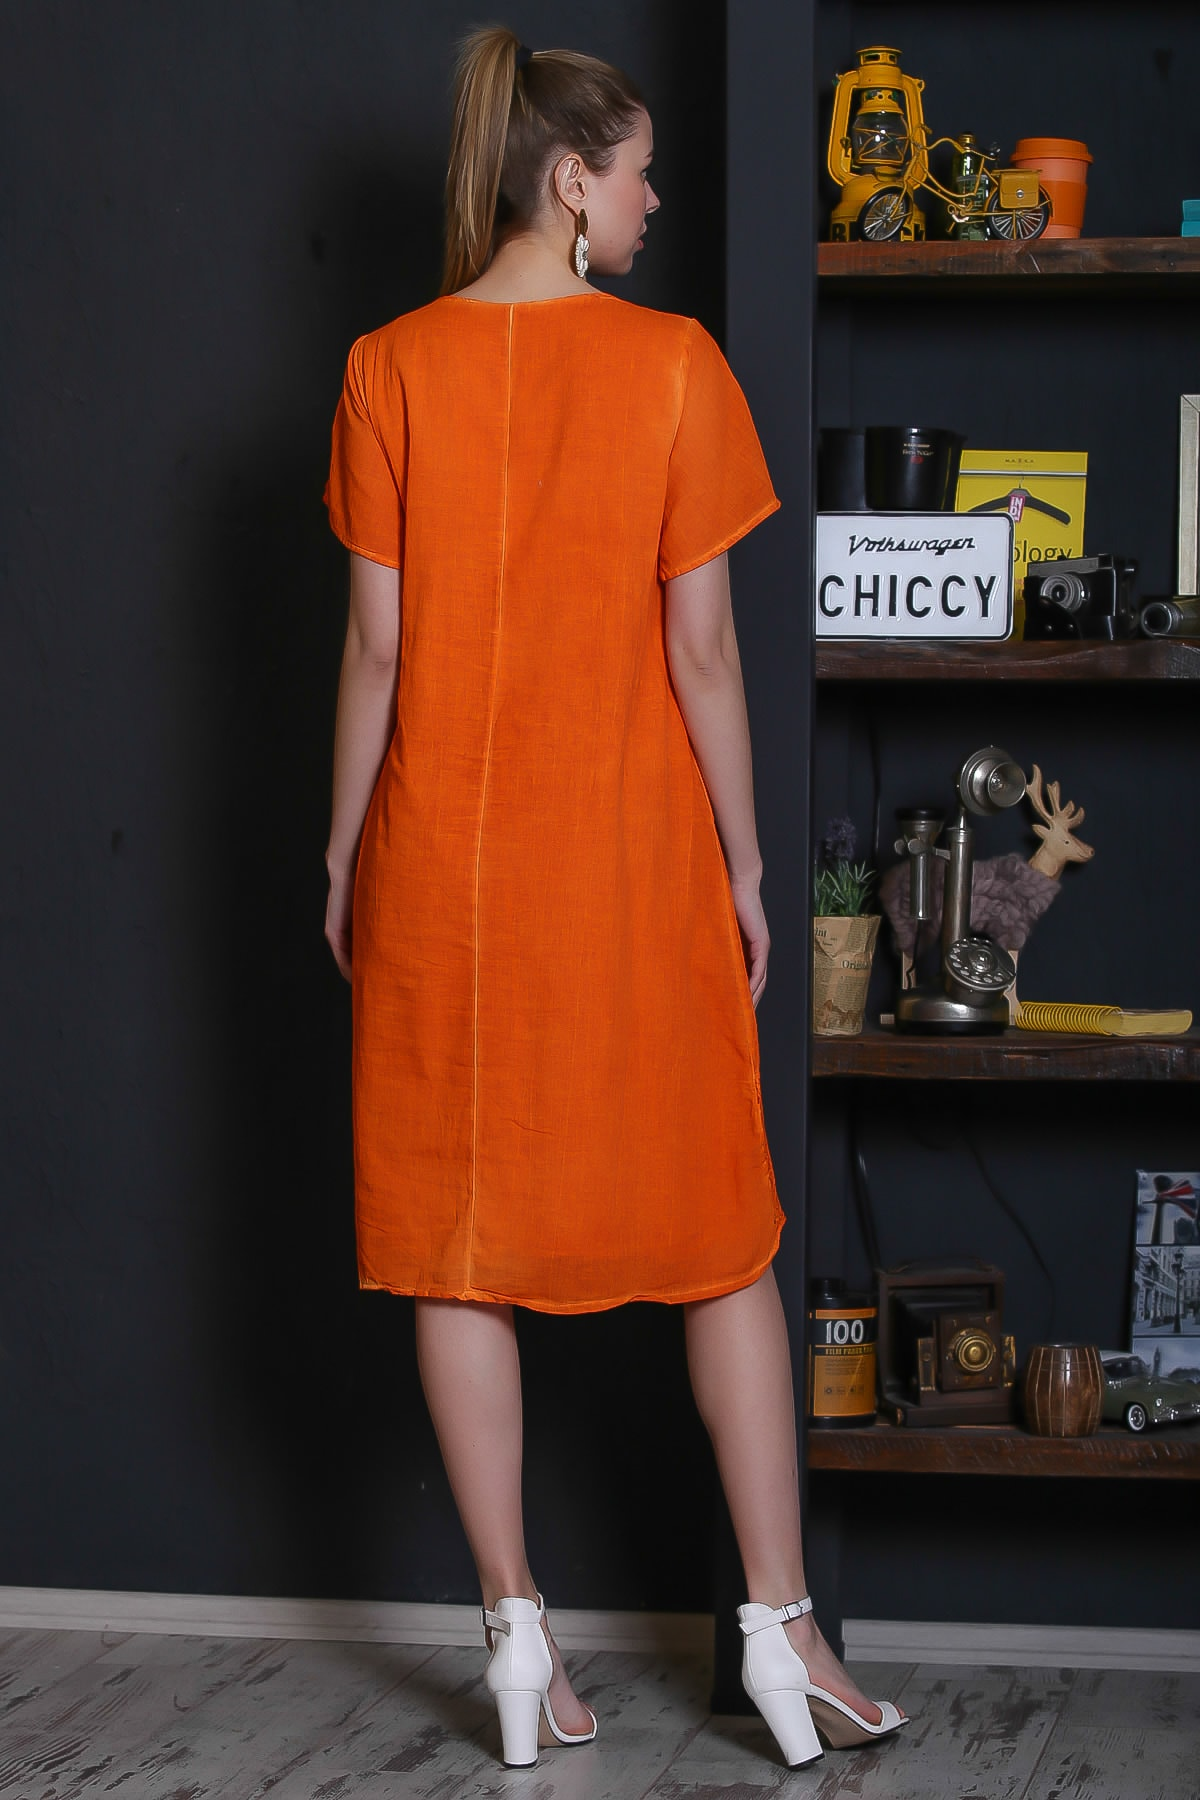 Chiccy Kadın Turuncu Dantel Yaka Ve Cep Detaylı Süs Düğmeli Astarlı Yıkamalı Elbise M10160000EL95281 3